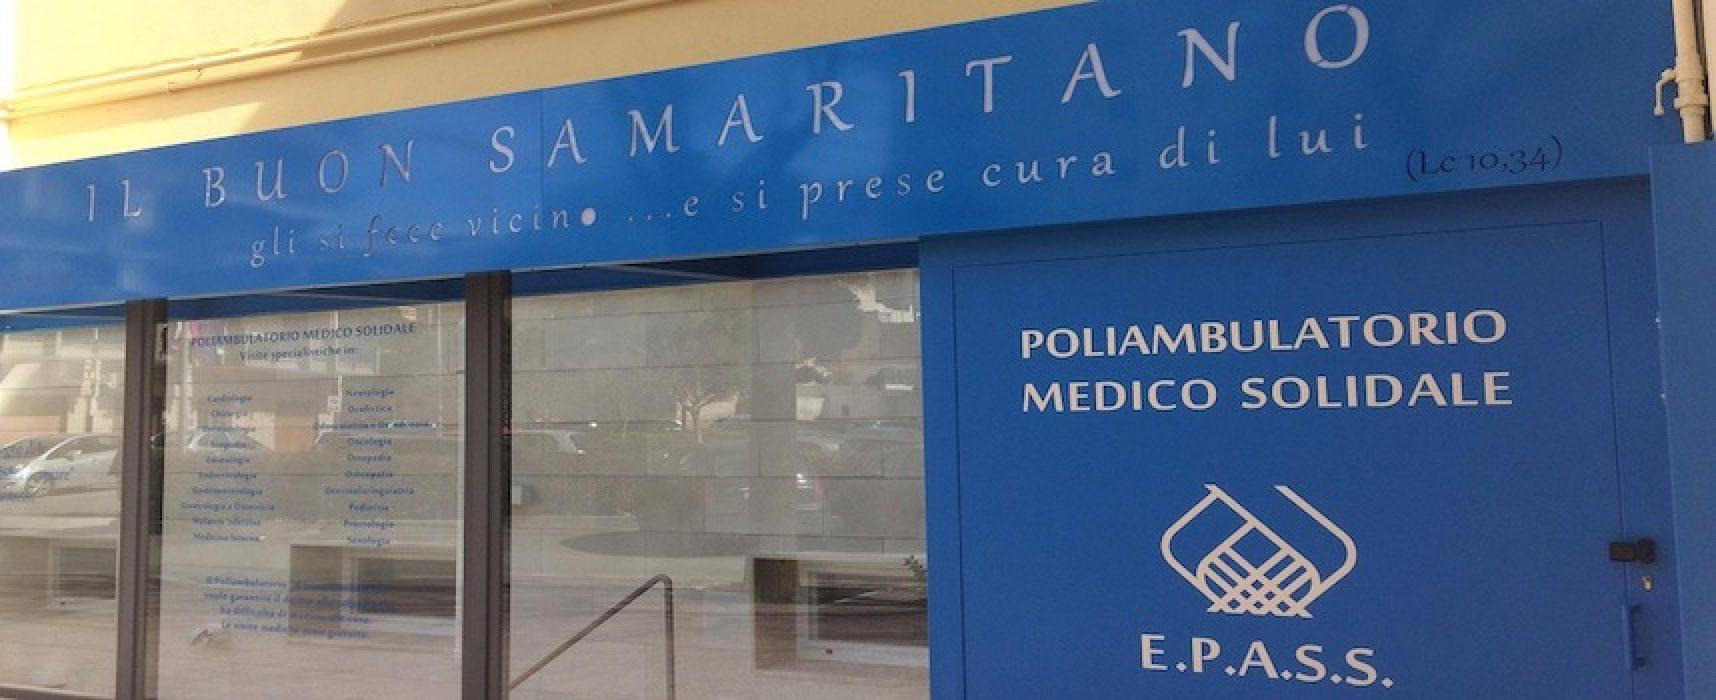 Screening gratuito della tiroide al Poliambulatorio il Buon Samaritano